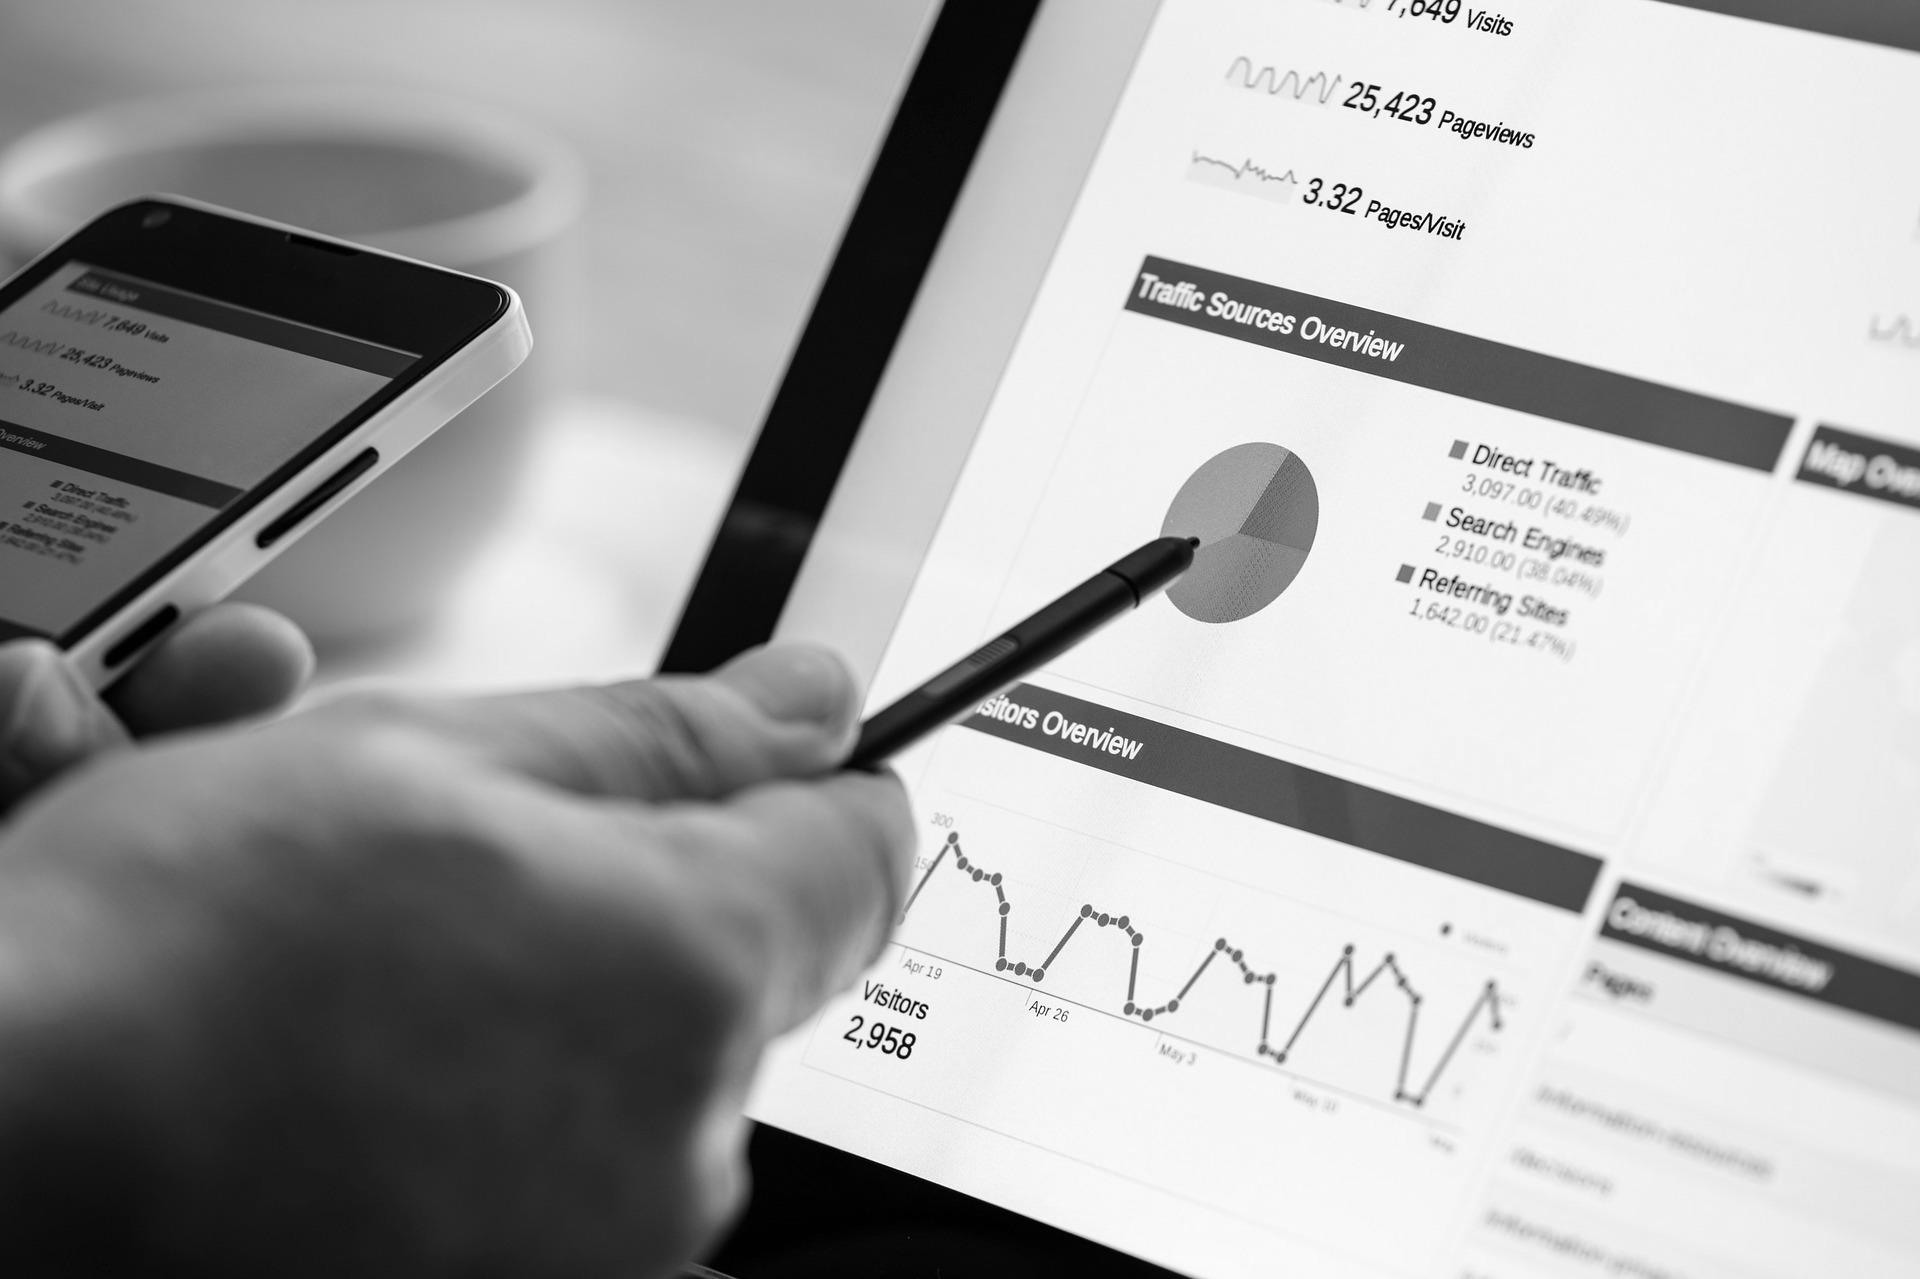 ブログの収益を確認